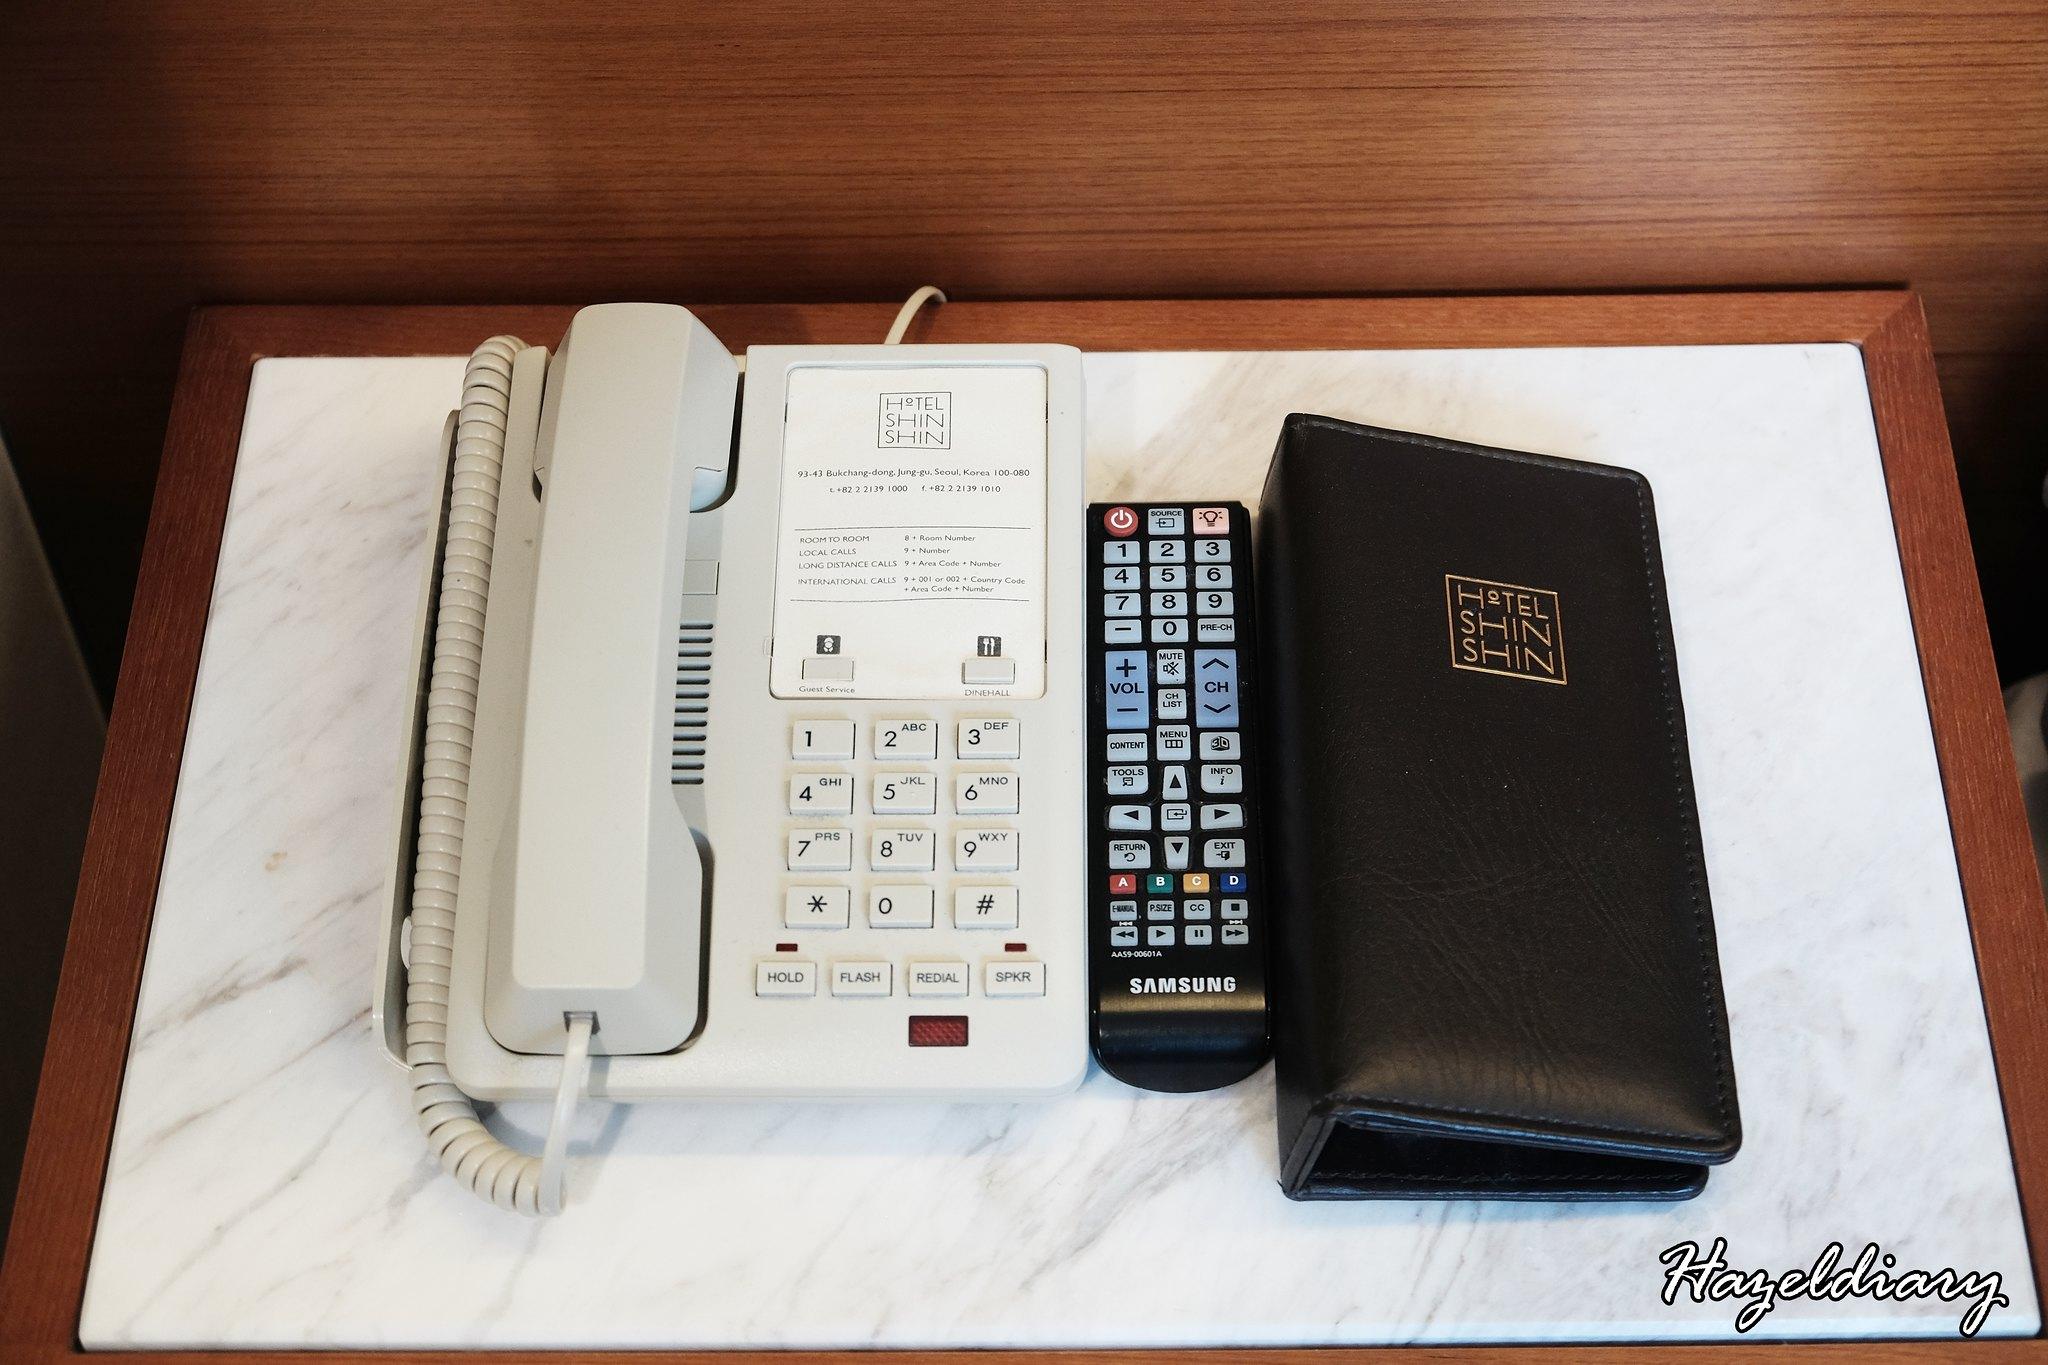 Hotel ShinShin-6